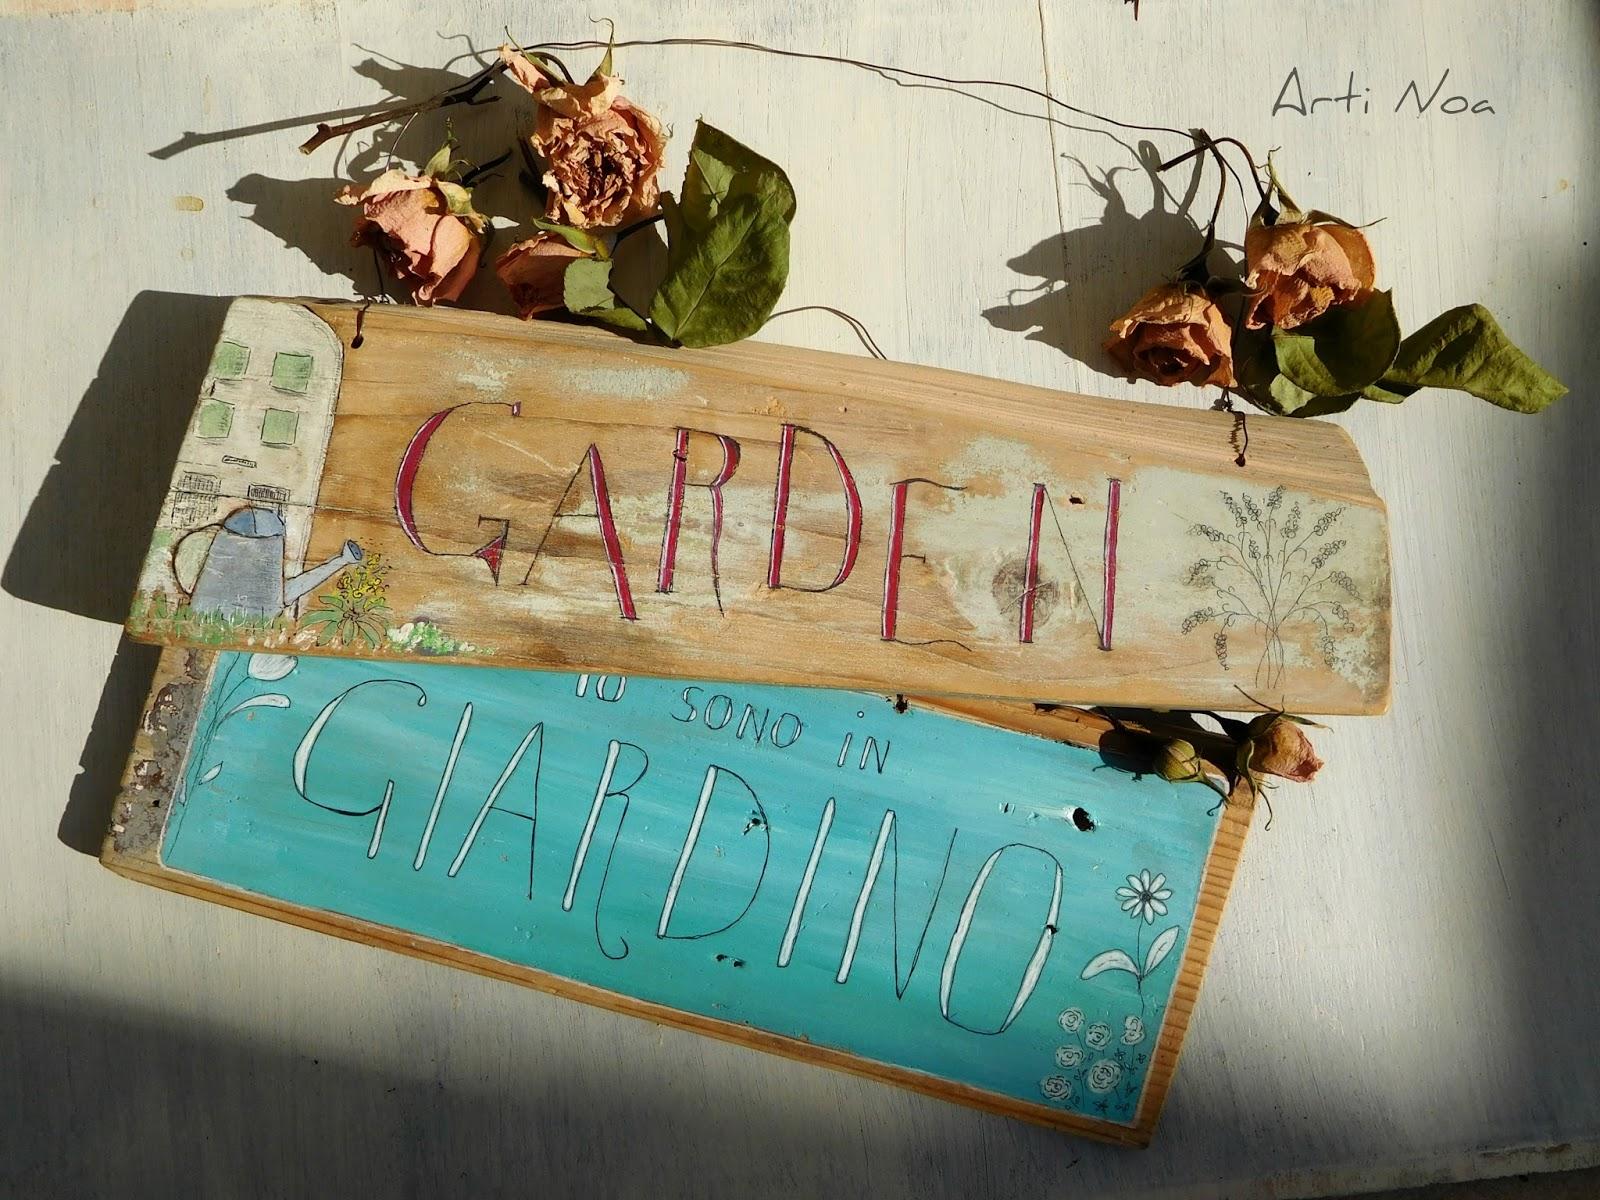 Decorazioni In Legno Per Giardino : Decori in giardino le targhe in legno arti noa by delia